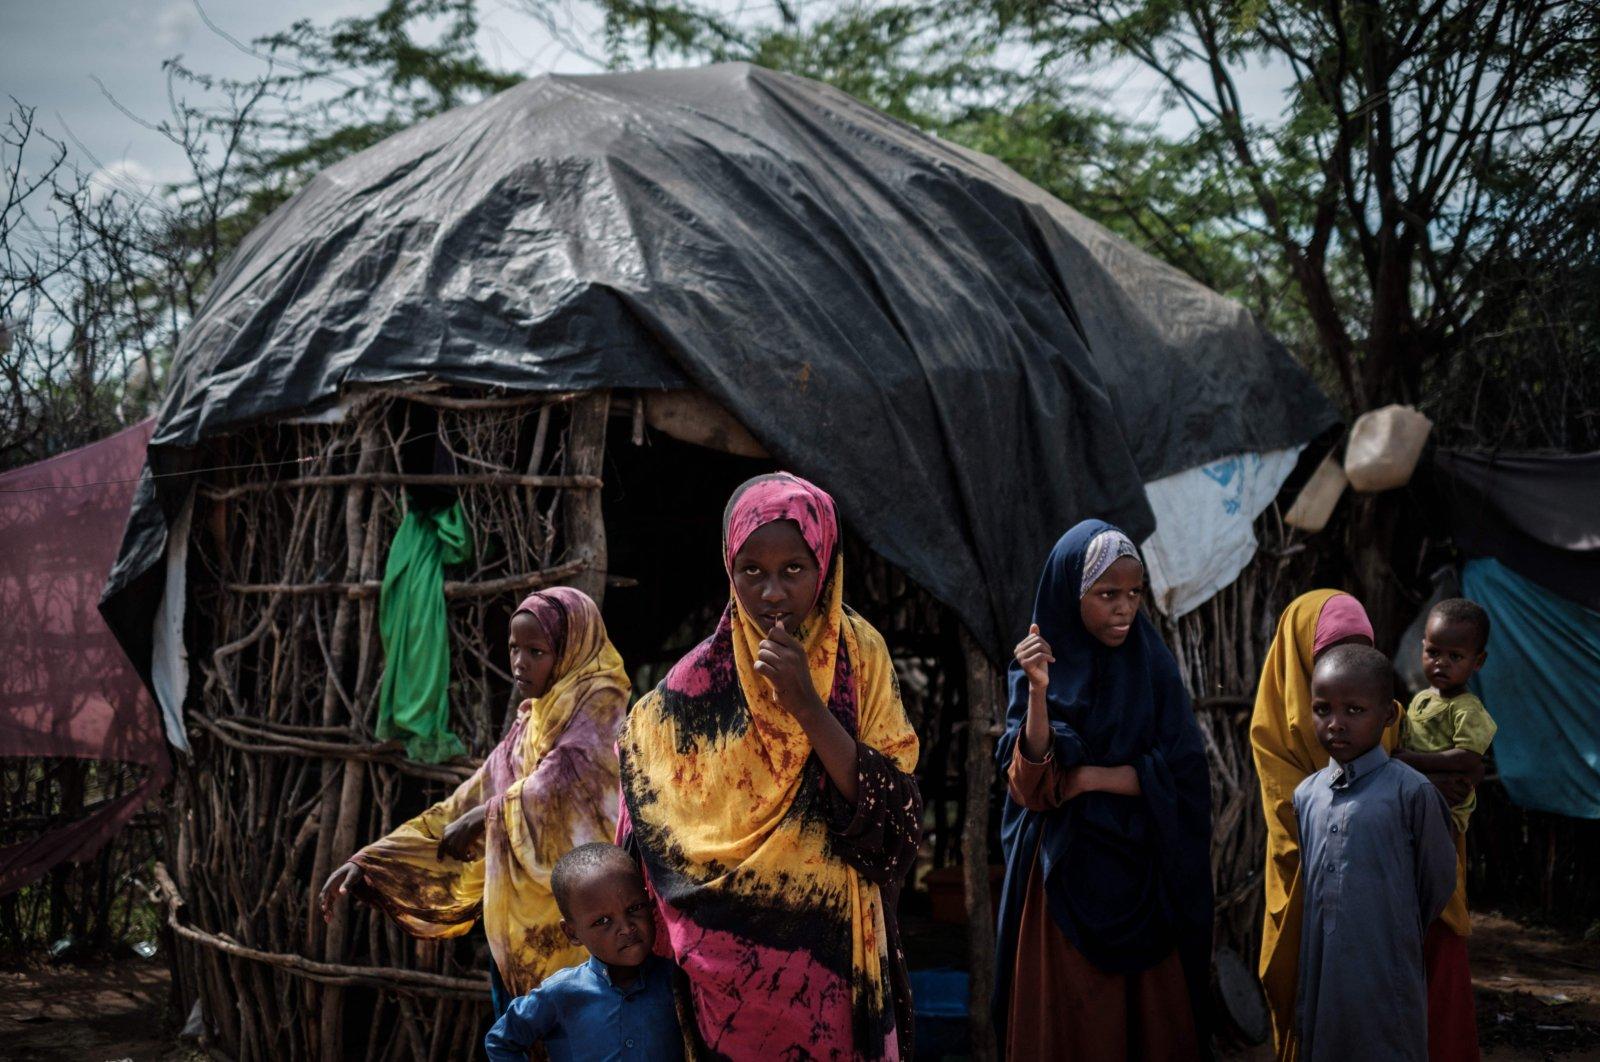 A group of Somali refugee children at the Dadaab refugee camp complex, northeast Kenya, April 16, 2018. (AFP Photo)